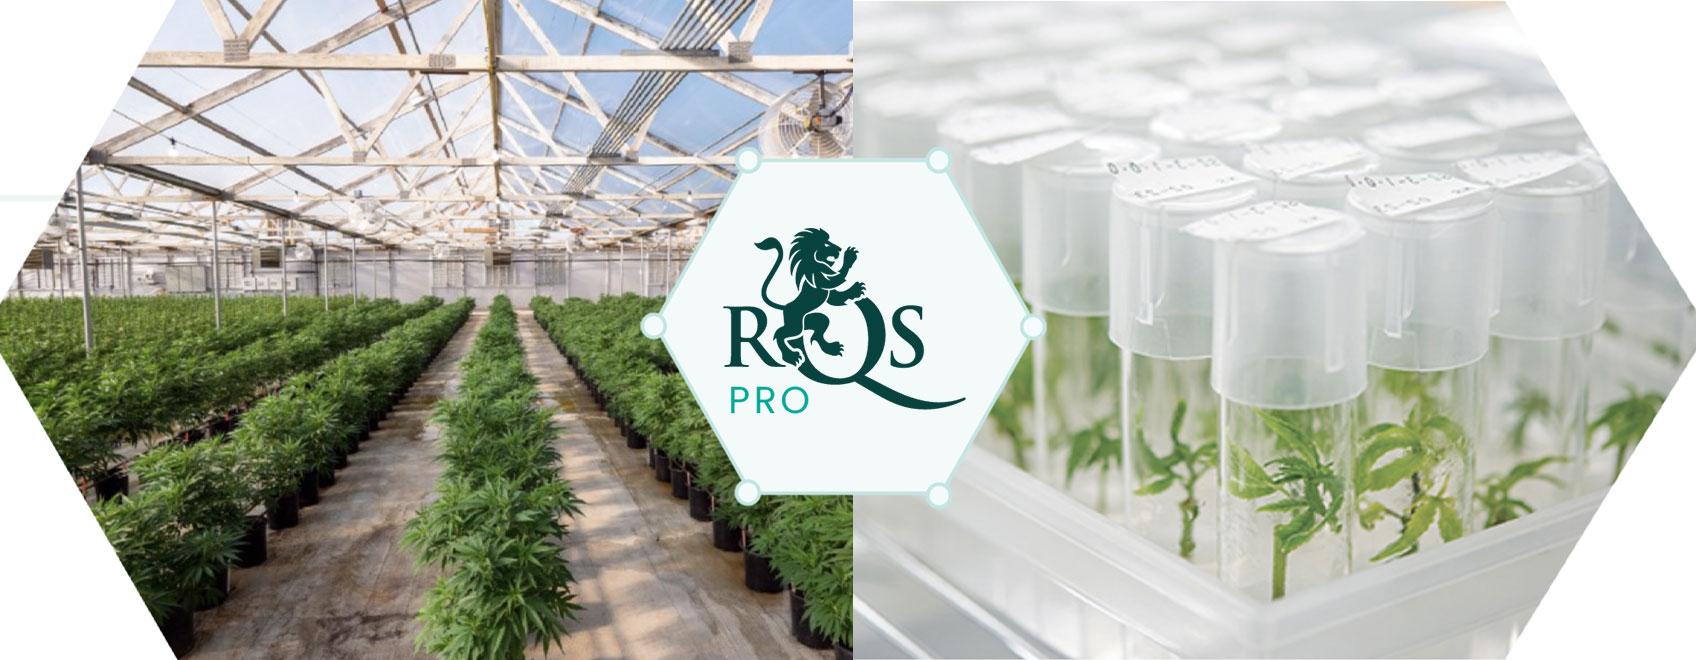 RQS Pro: kannabisalan innovaation ja kehityksen edelläkävijä